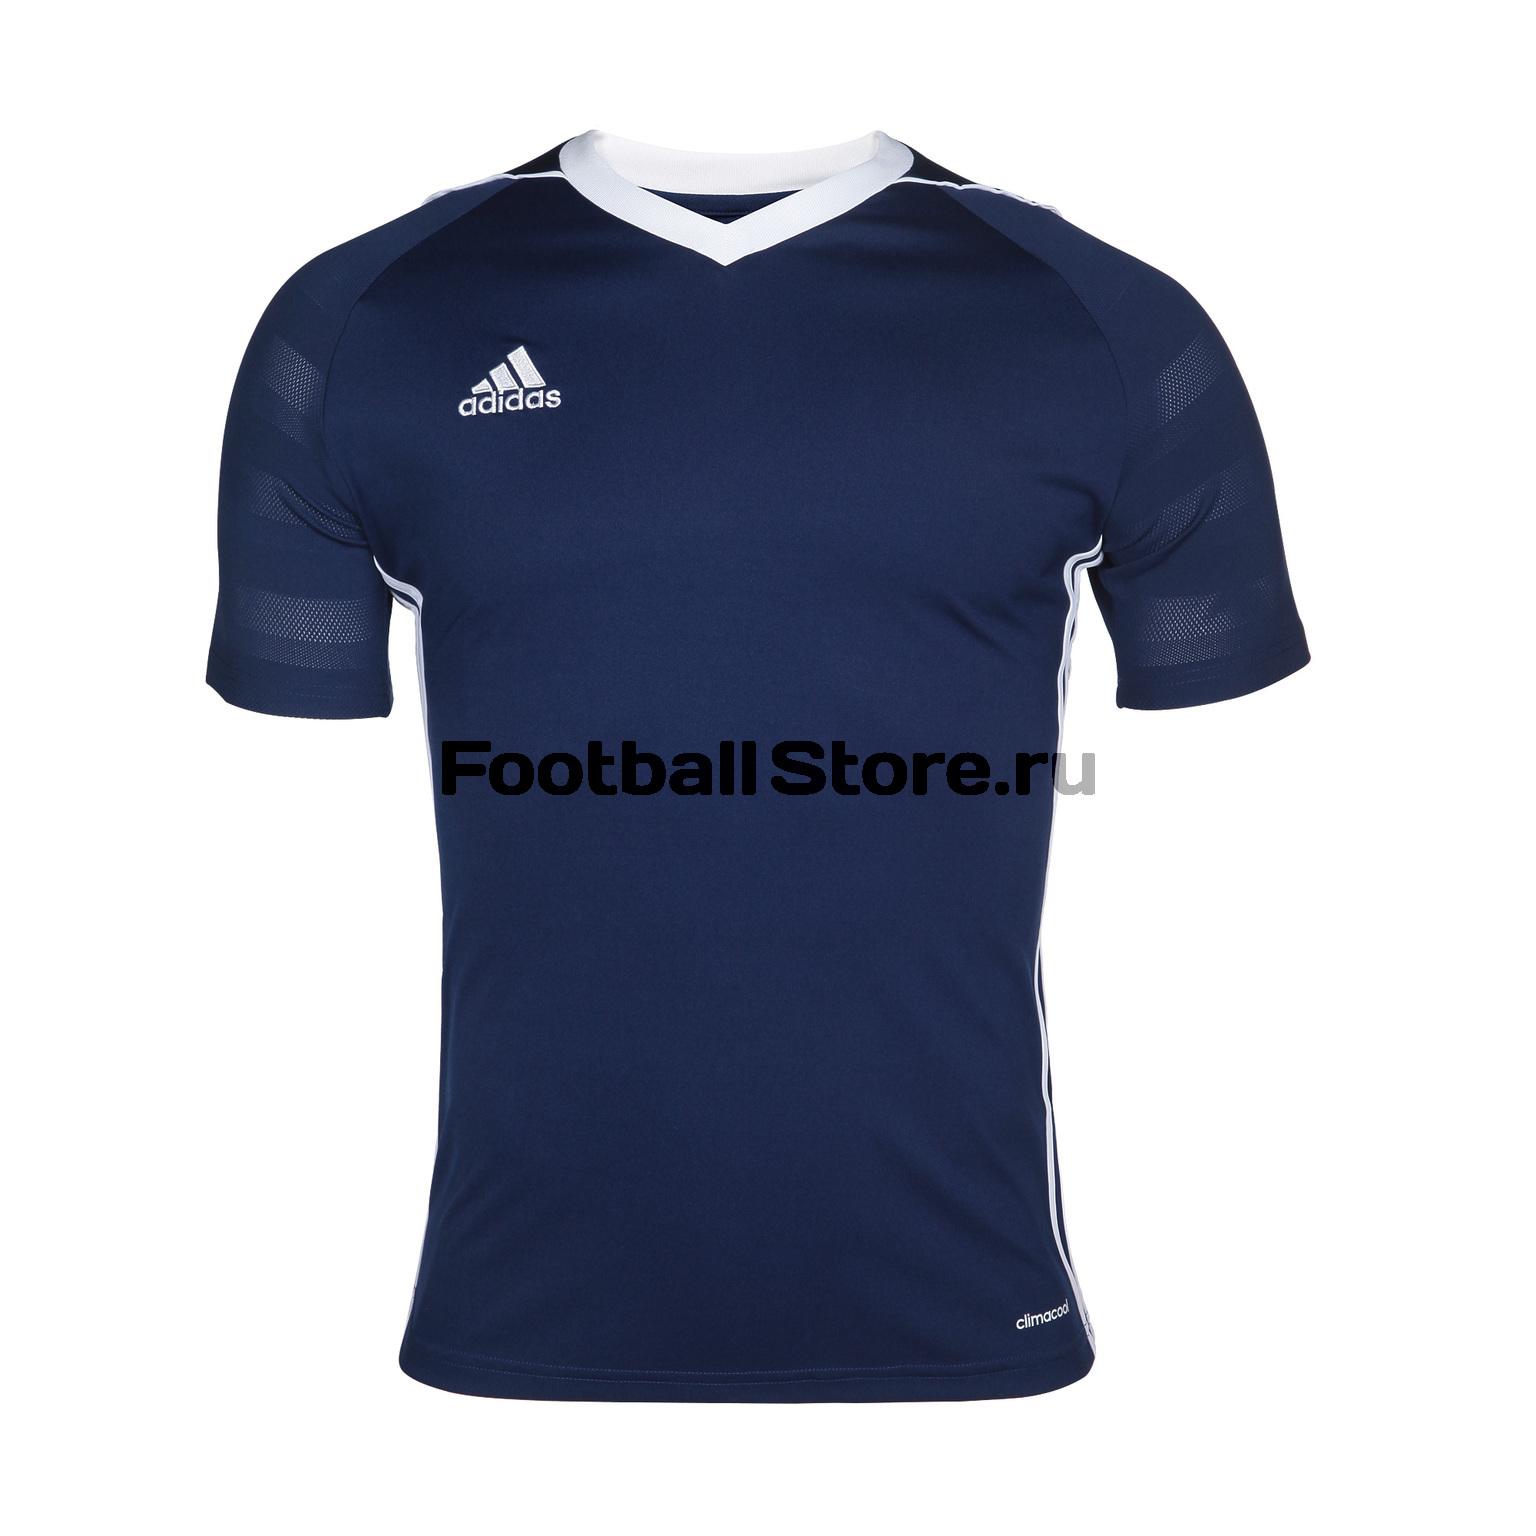 Футболка игровая Adidas Tiro17 JSY BK5438